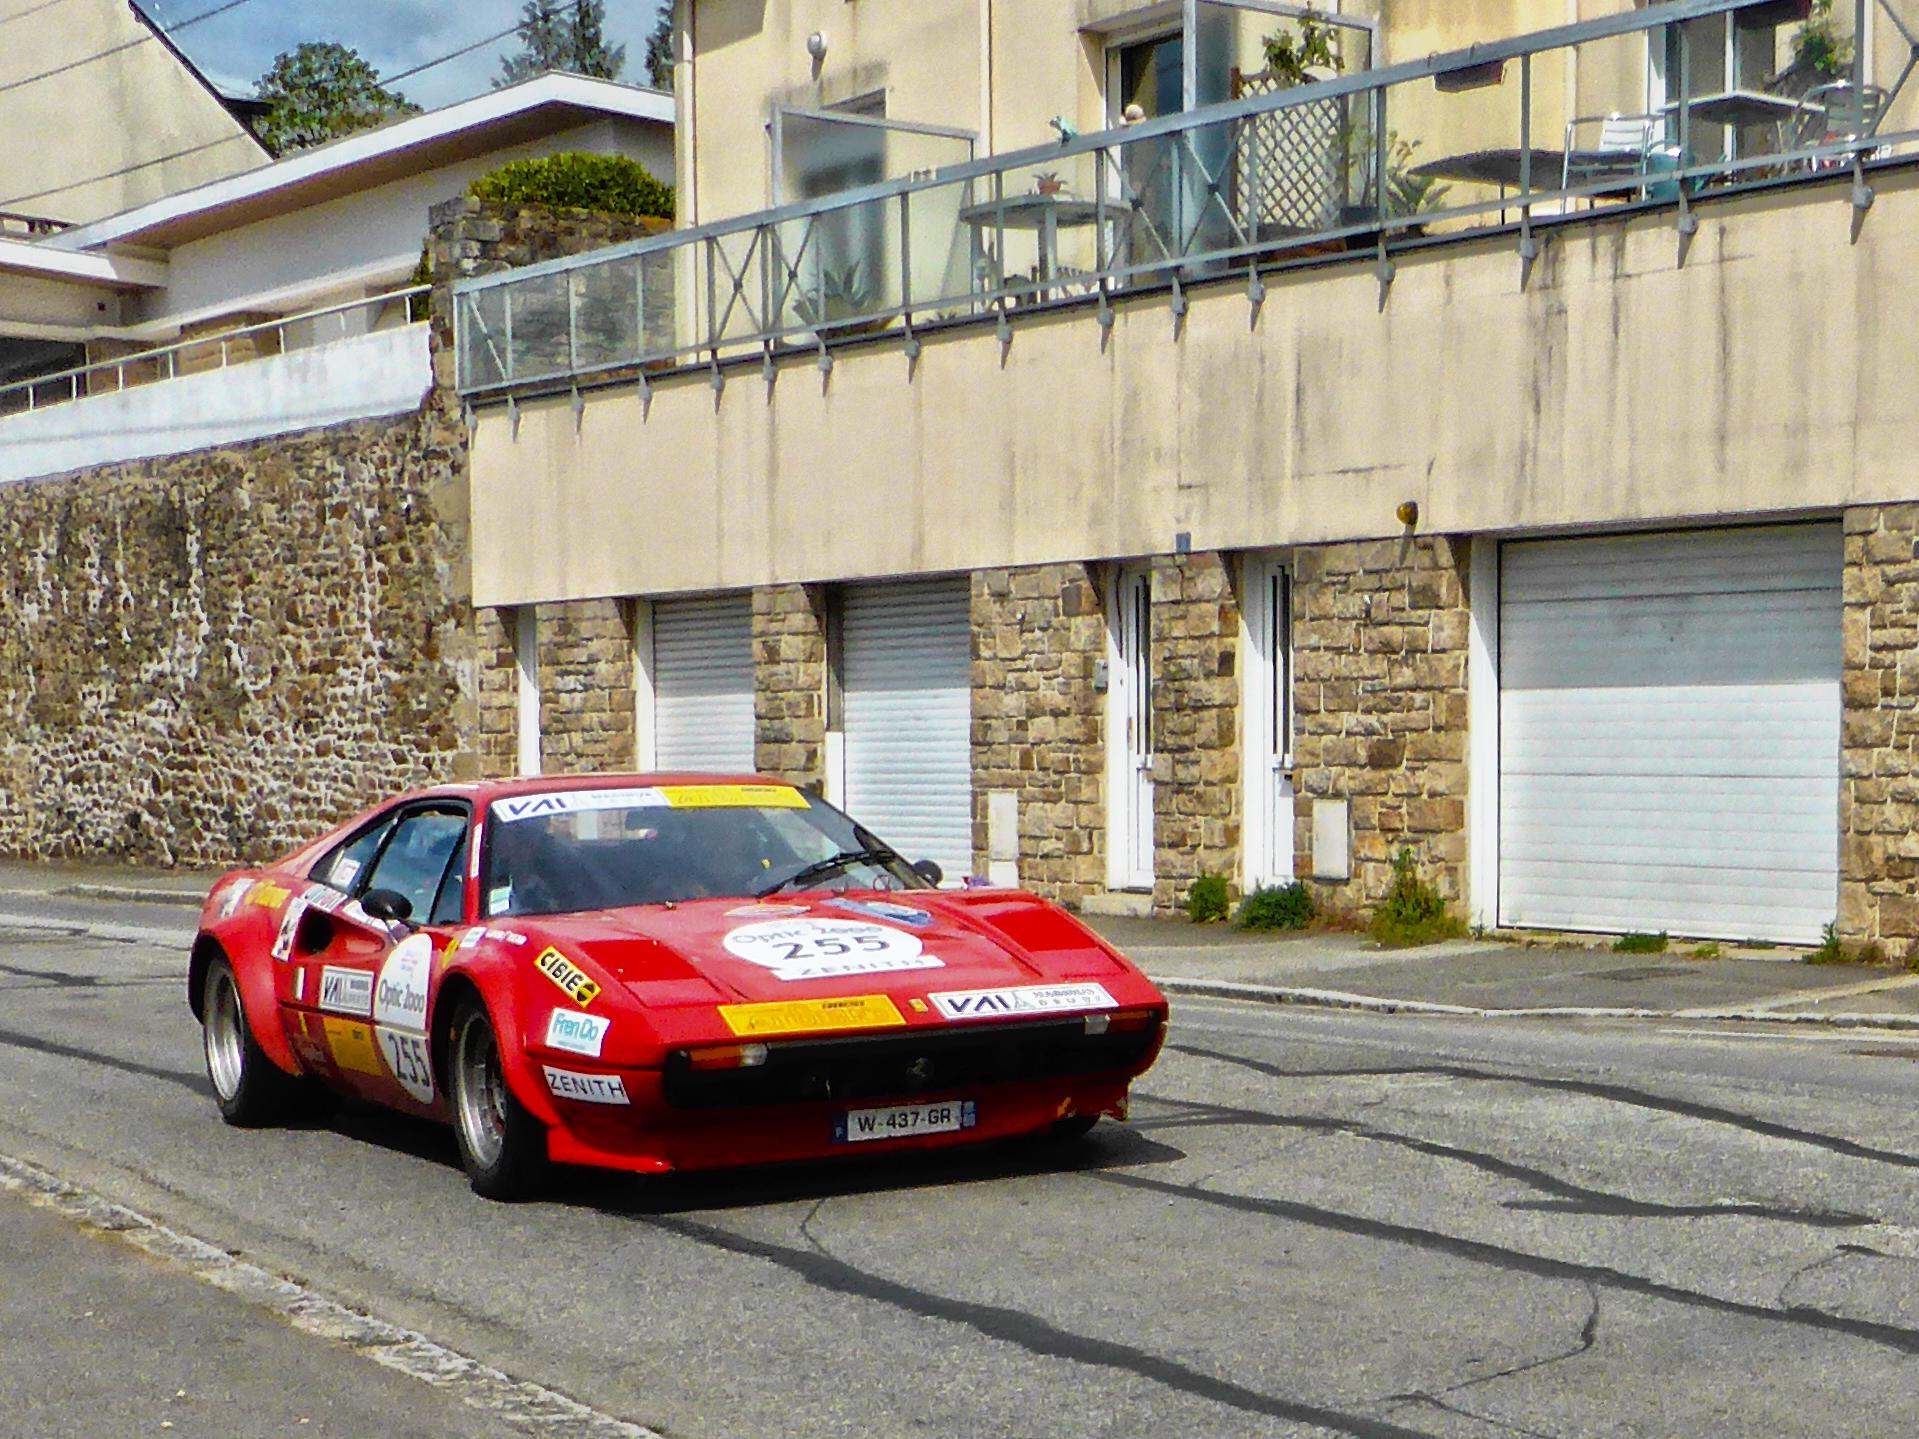 Ferrari 308 GTB Gr IV - 1976 - Tour Auto 2017 - photo by ELJ - DESIGNMOTEUR